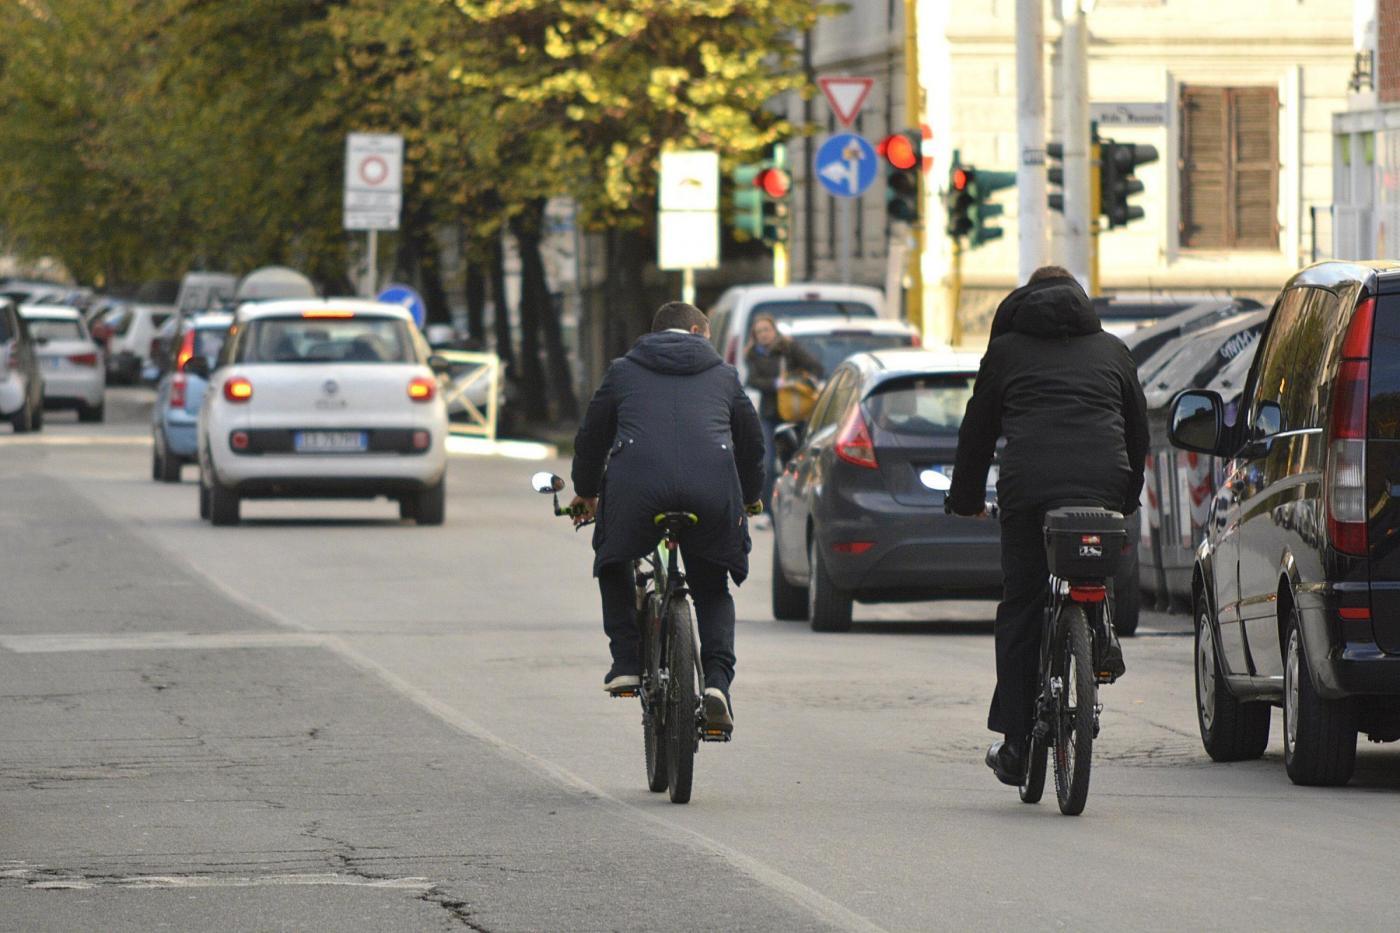 Tassa e targa per le biciclette: la proposta del PD fa infuriare i ciclisti